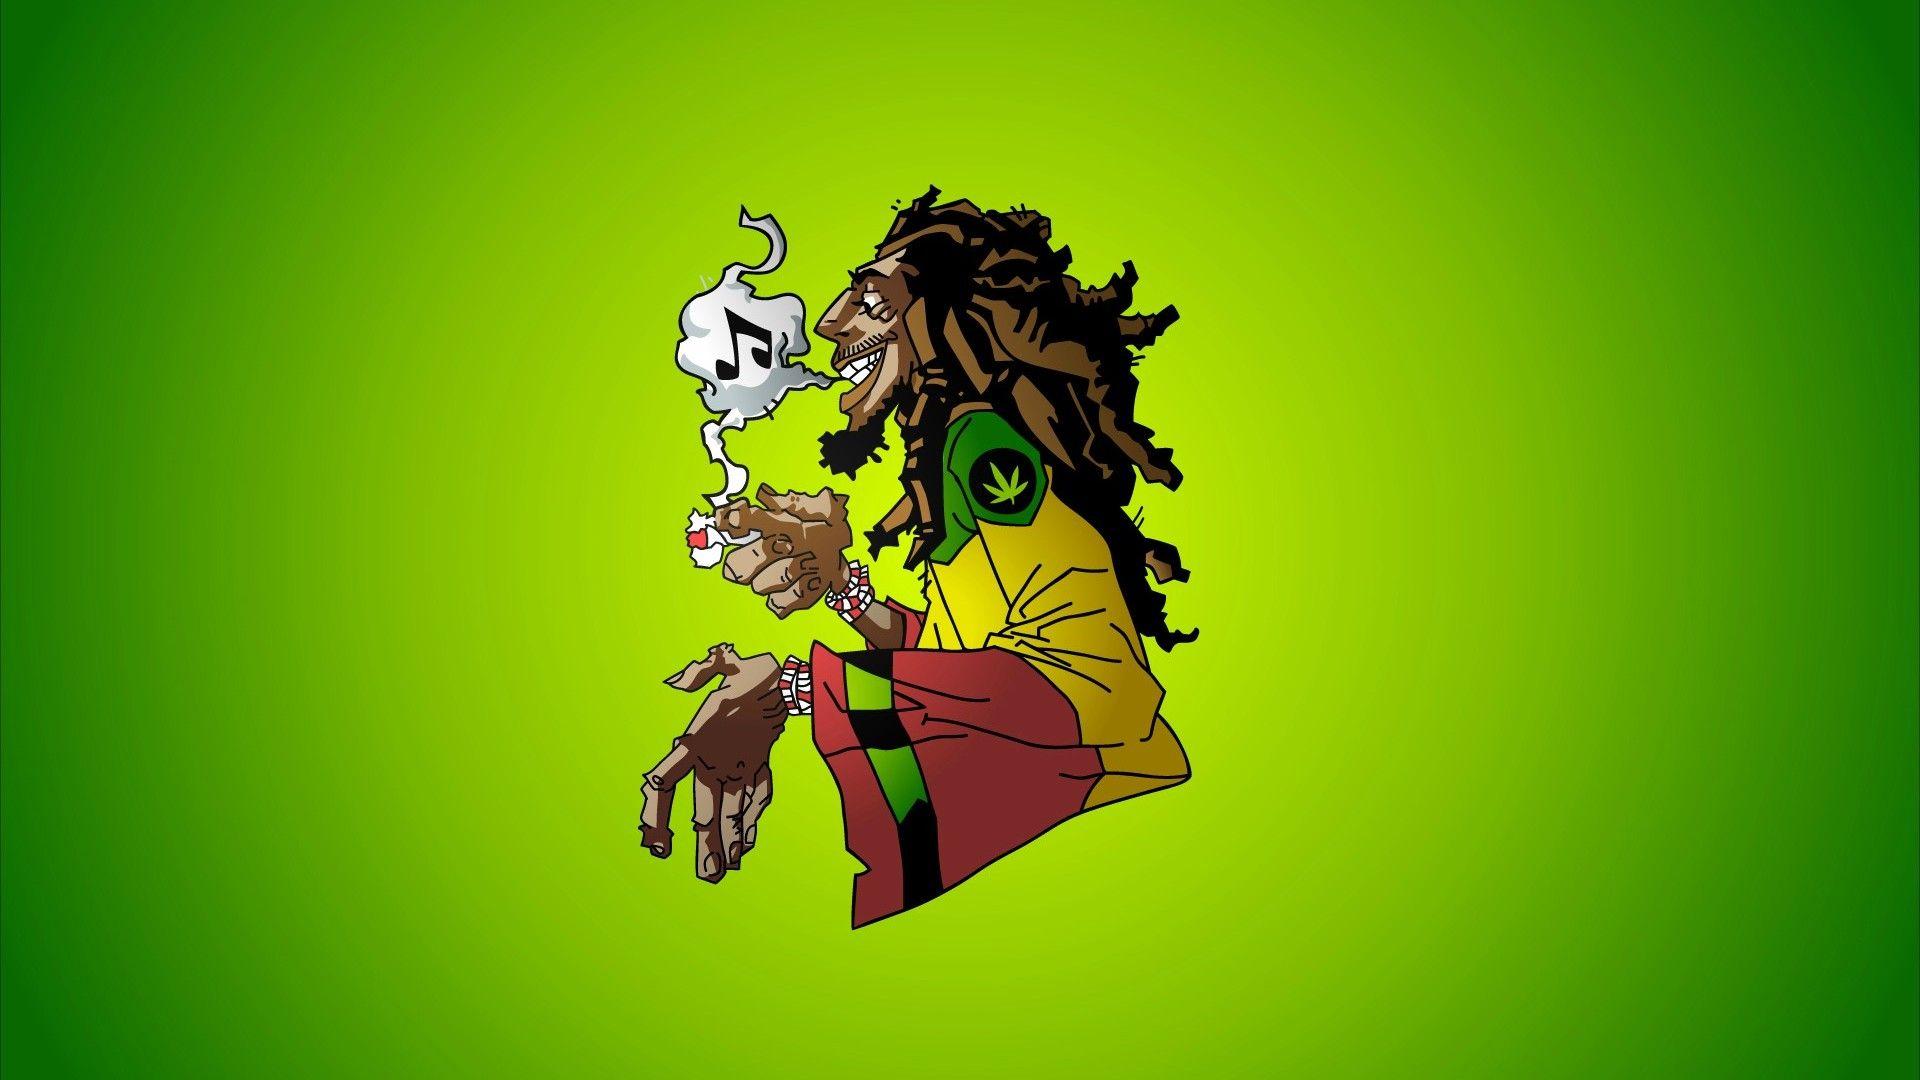 Reggae Weed Background